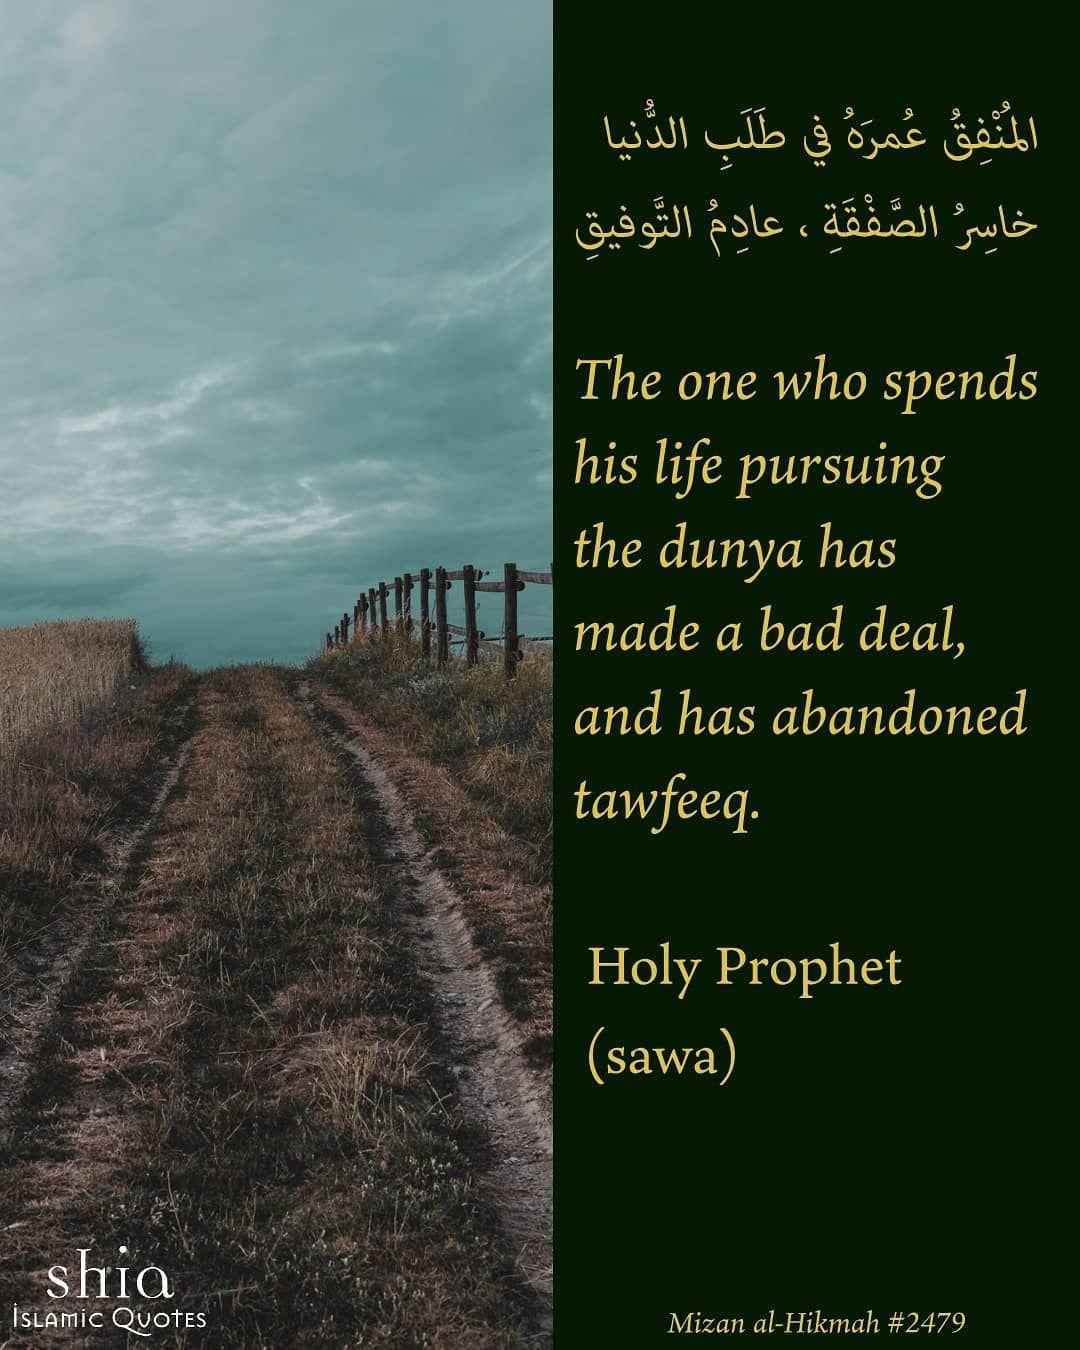 Shia Islamic Quotes (@shia_islamic